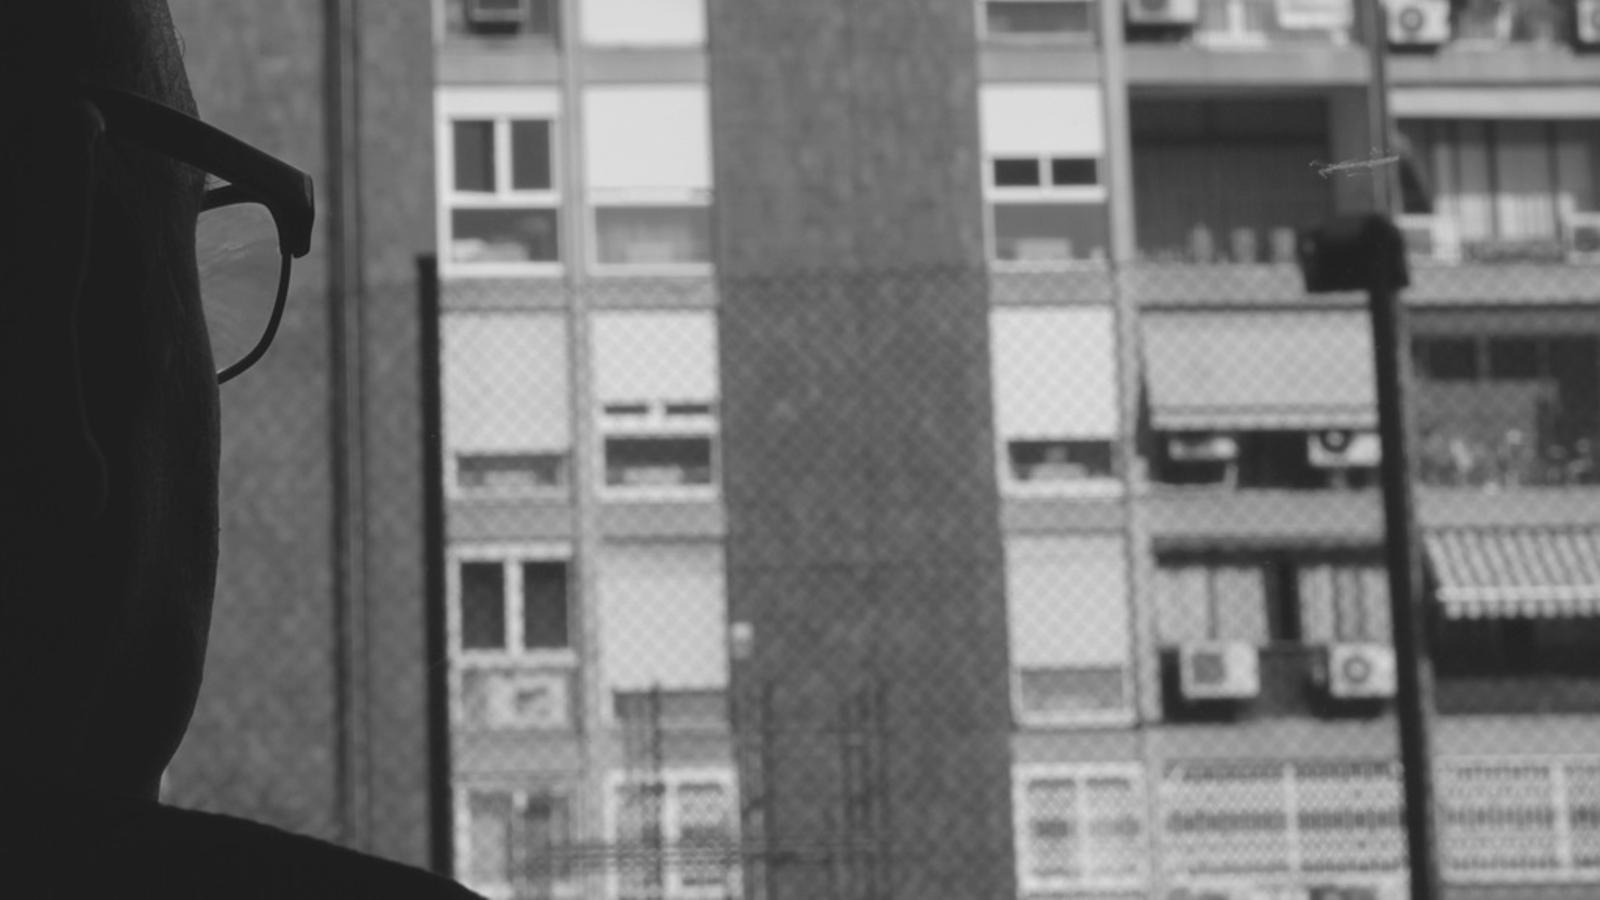 L'editorial d'Antoni Bassas: Les alarmes als tretze anys (21/04/15)